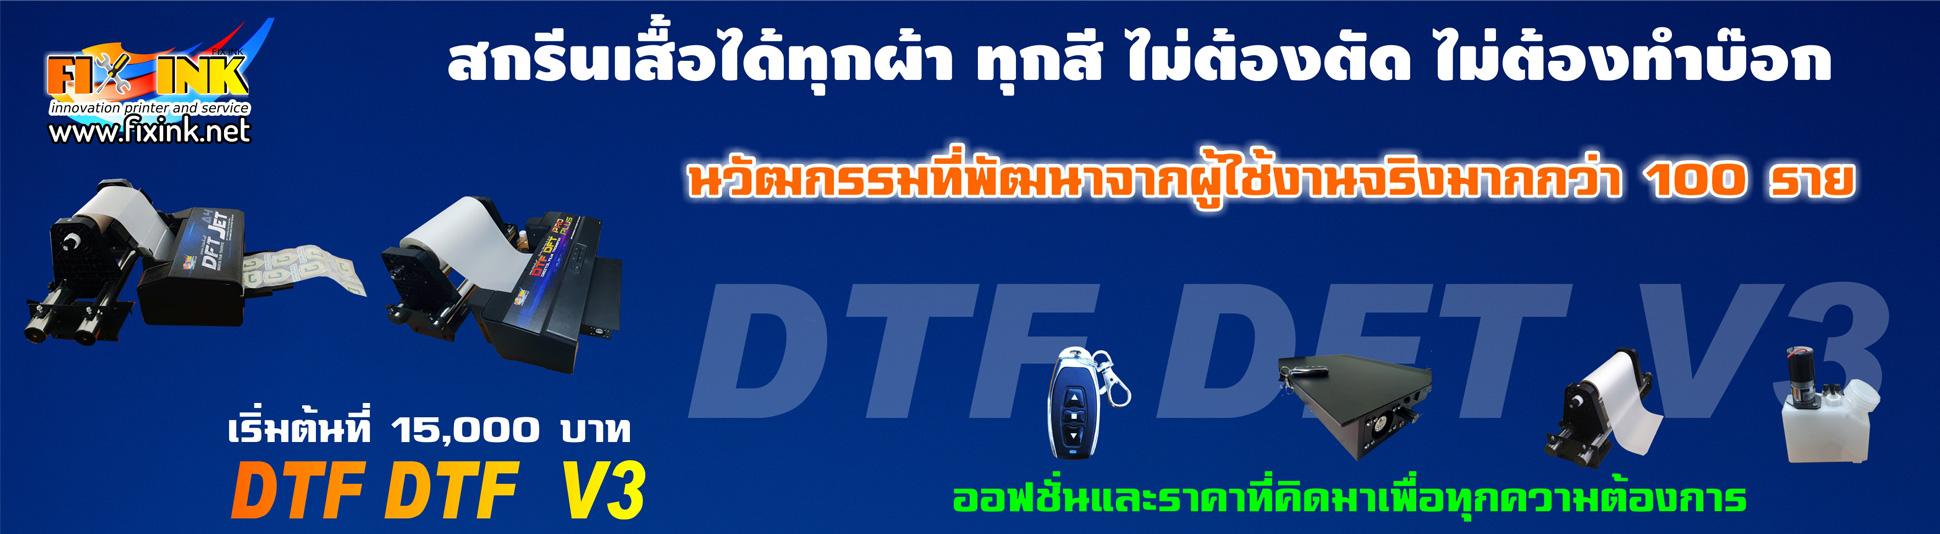 dtf-all.jpg